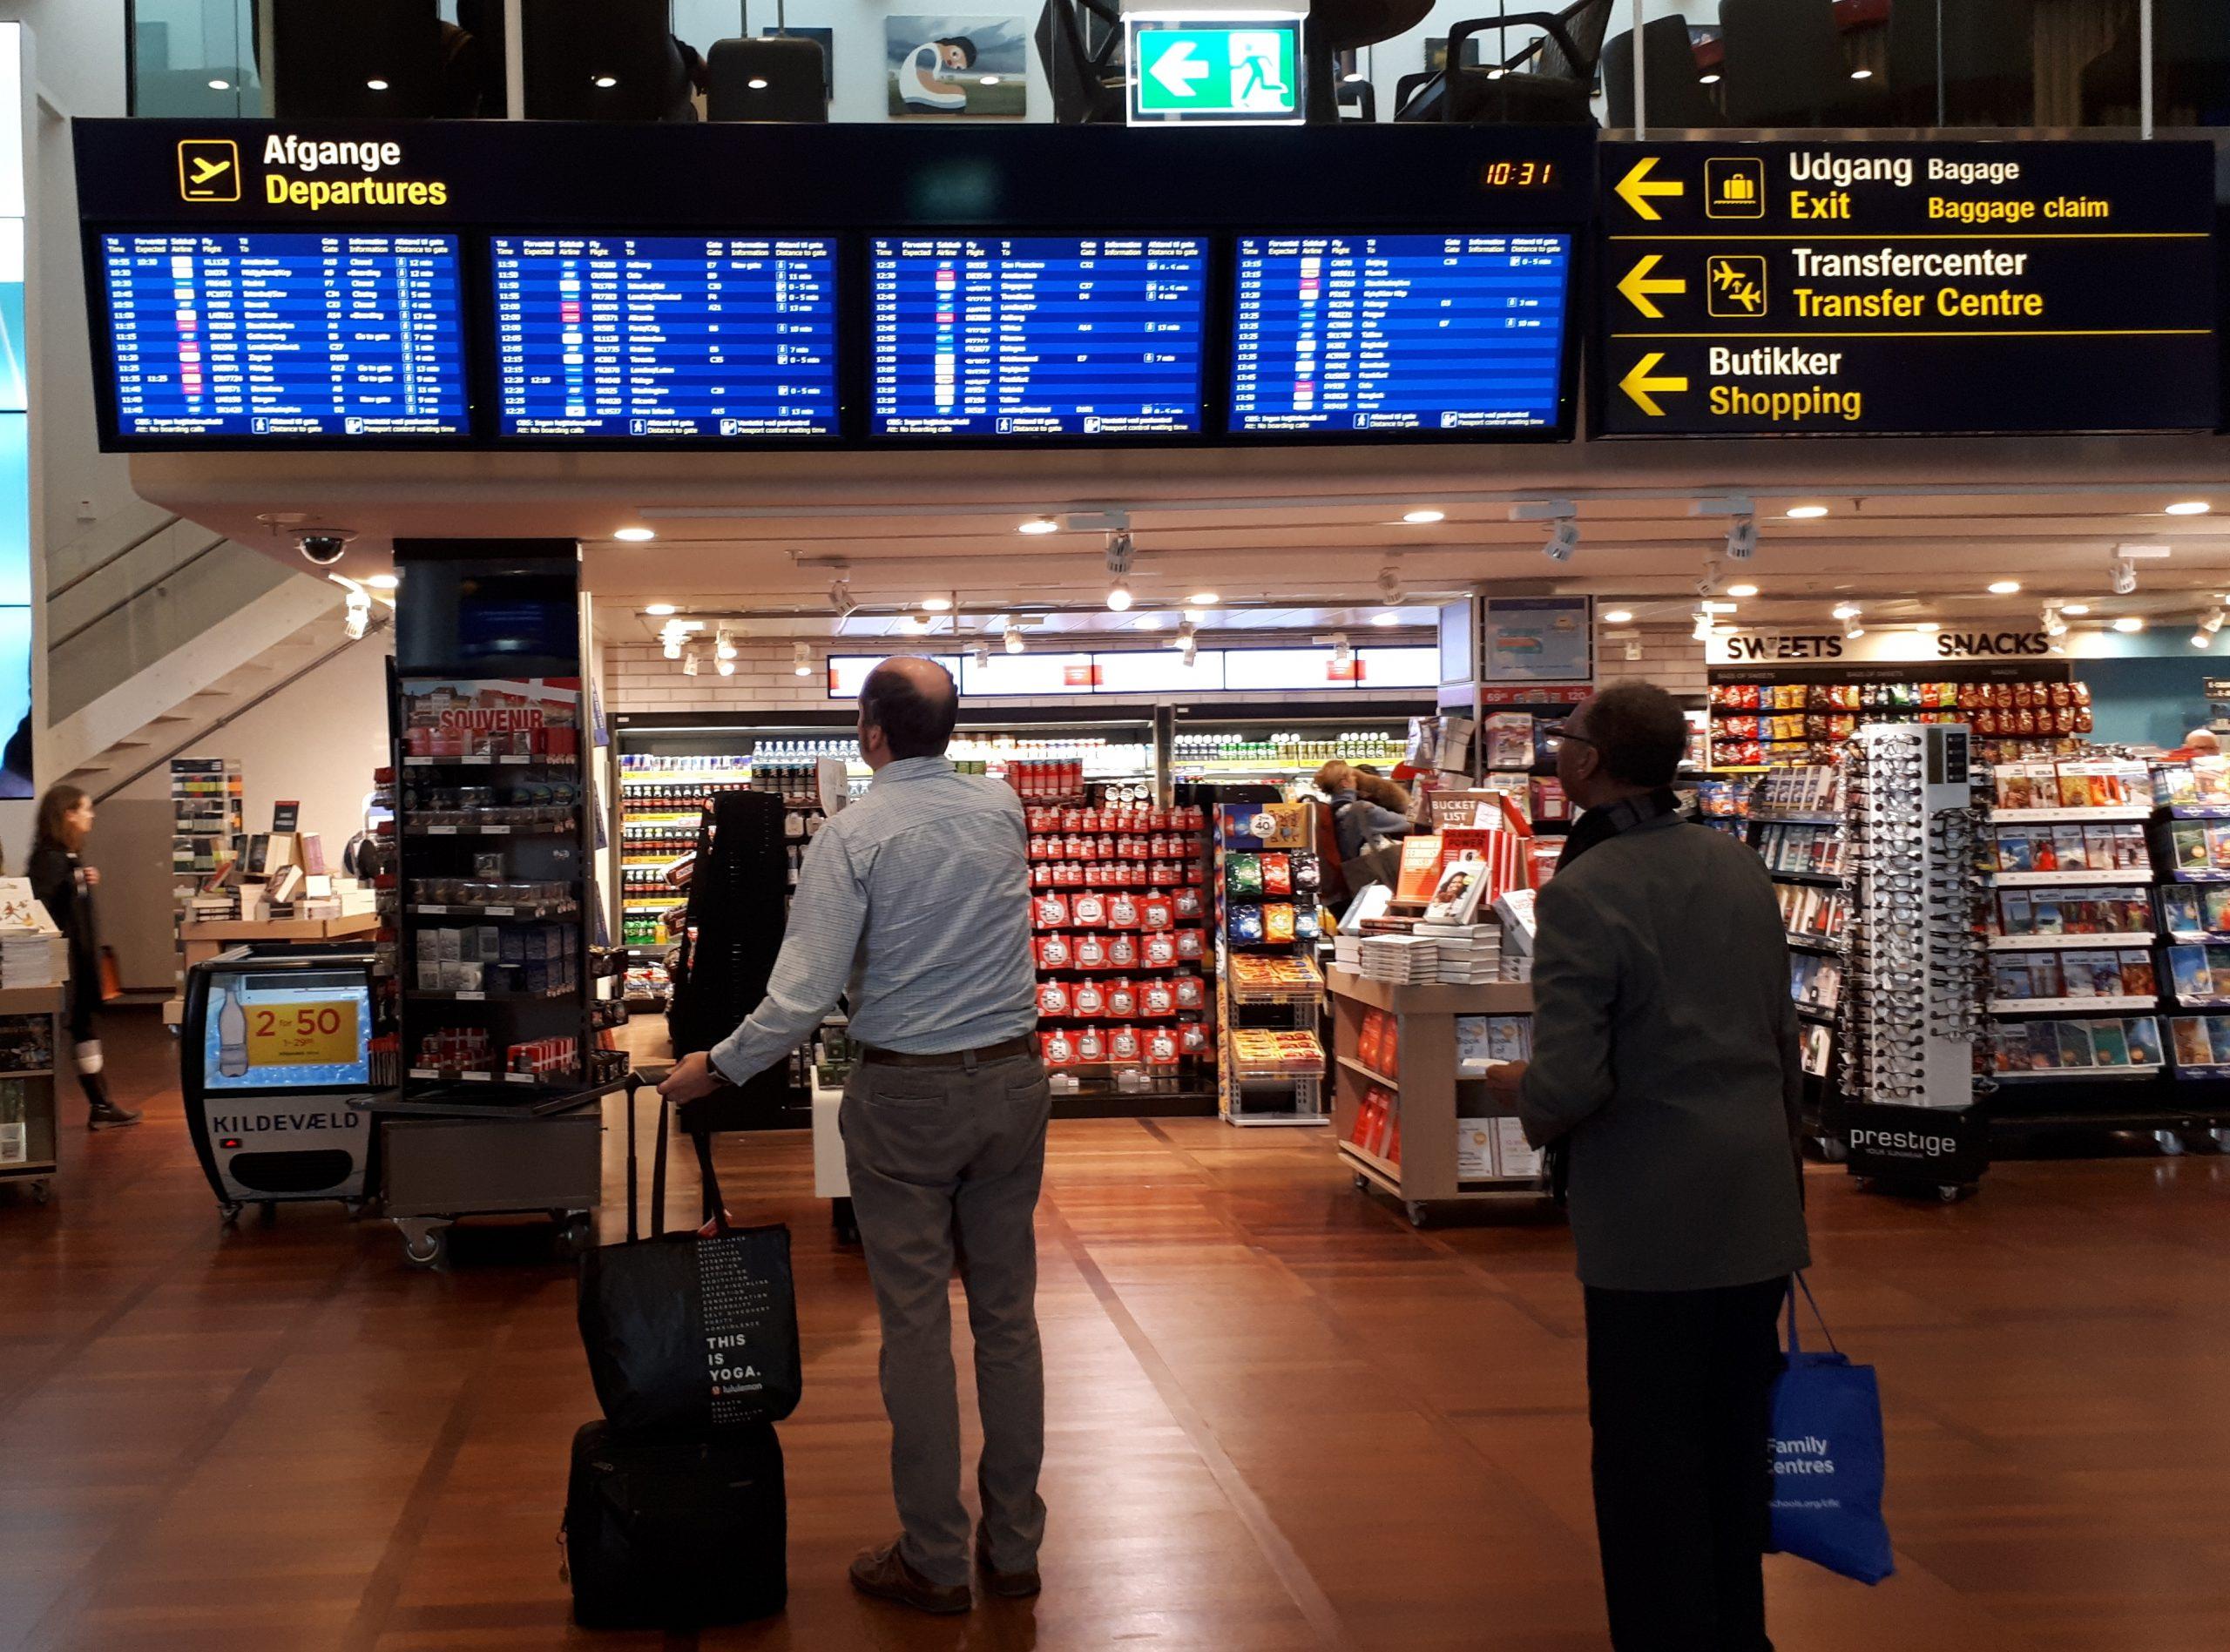 Nedgangen i køb af rejseydelser hos virksomheder verden over er i øjeblikket på omkring 37 procent, siger i hvert fald ny undersøgelse fra Global Business Travel Association. Arkivfoto fra Københavns Lufthavn: Henrik Baumgarten.